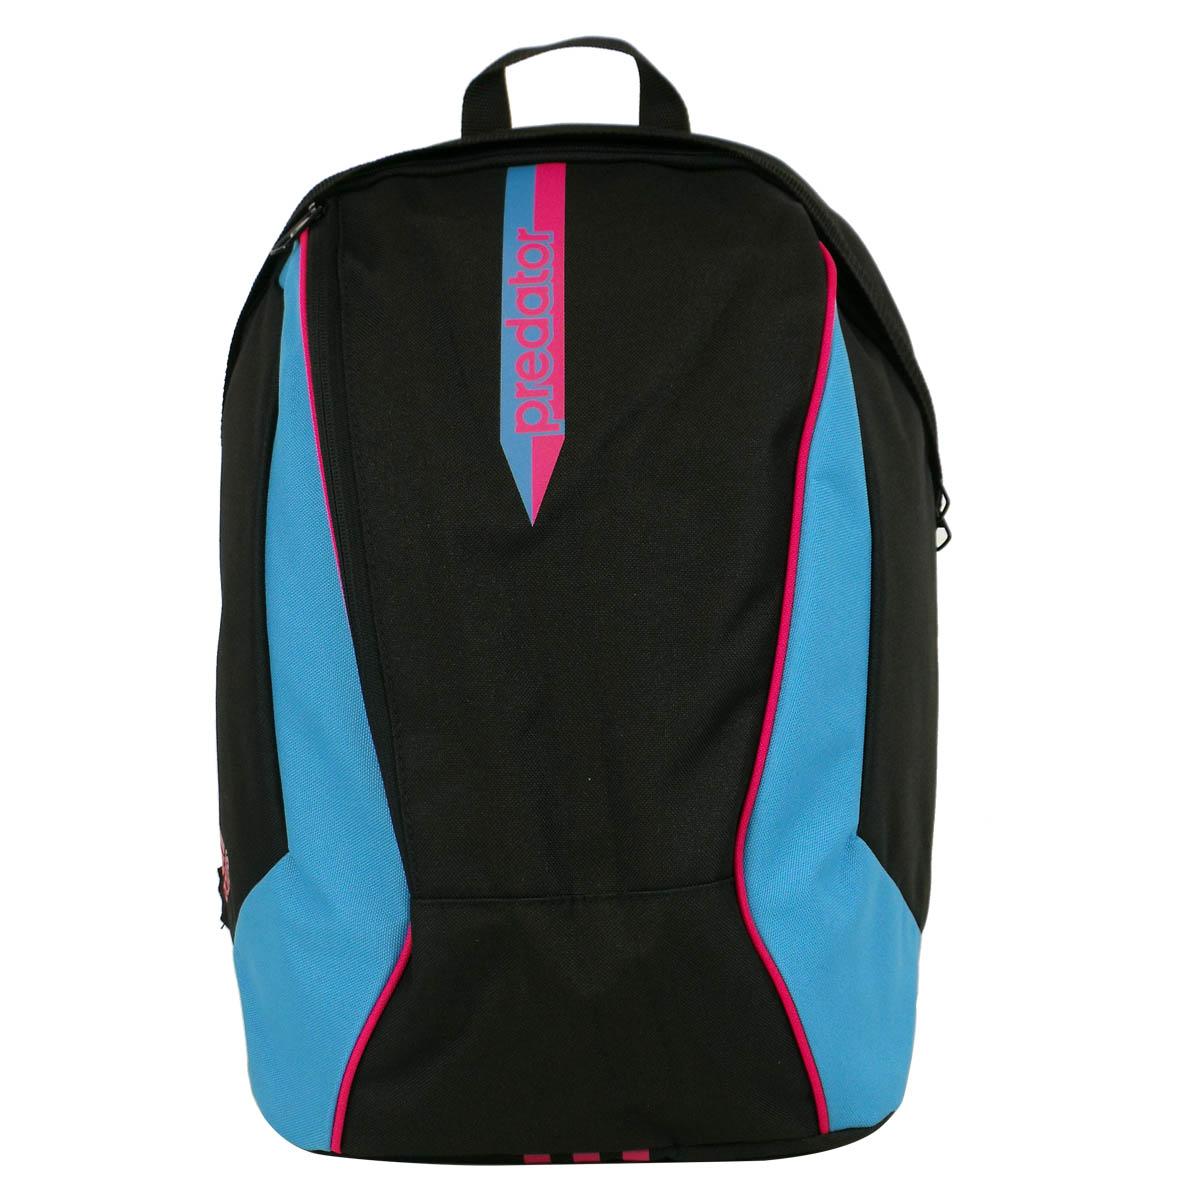 adidas boys black school rucksack backpack a4 shoulder bag